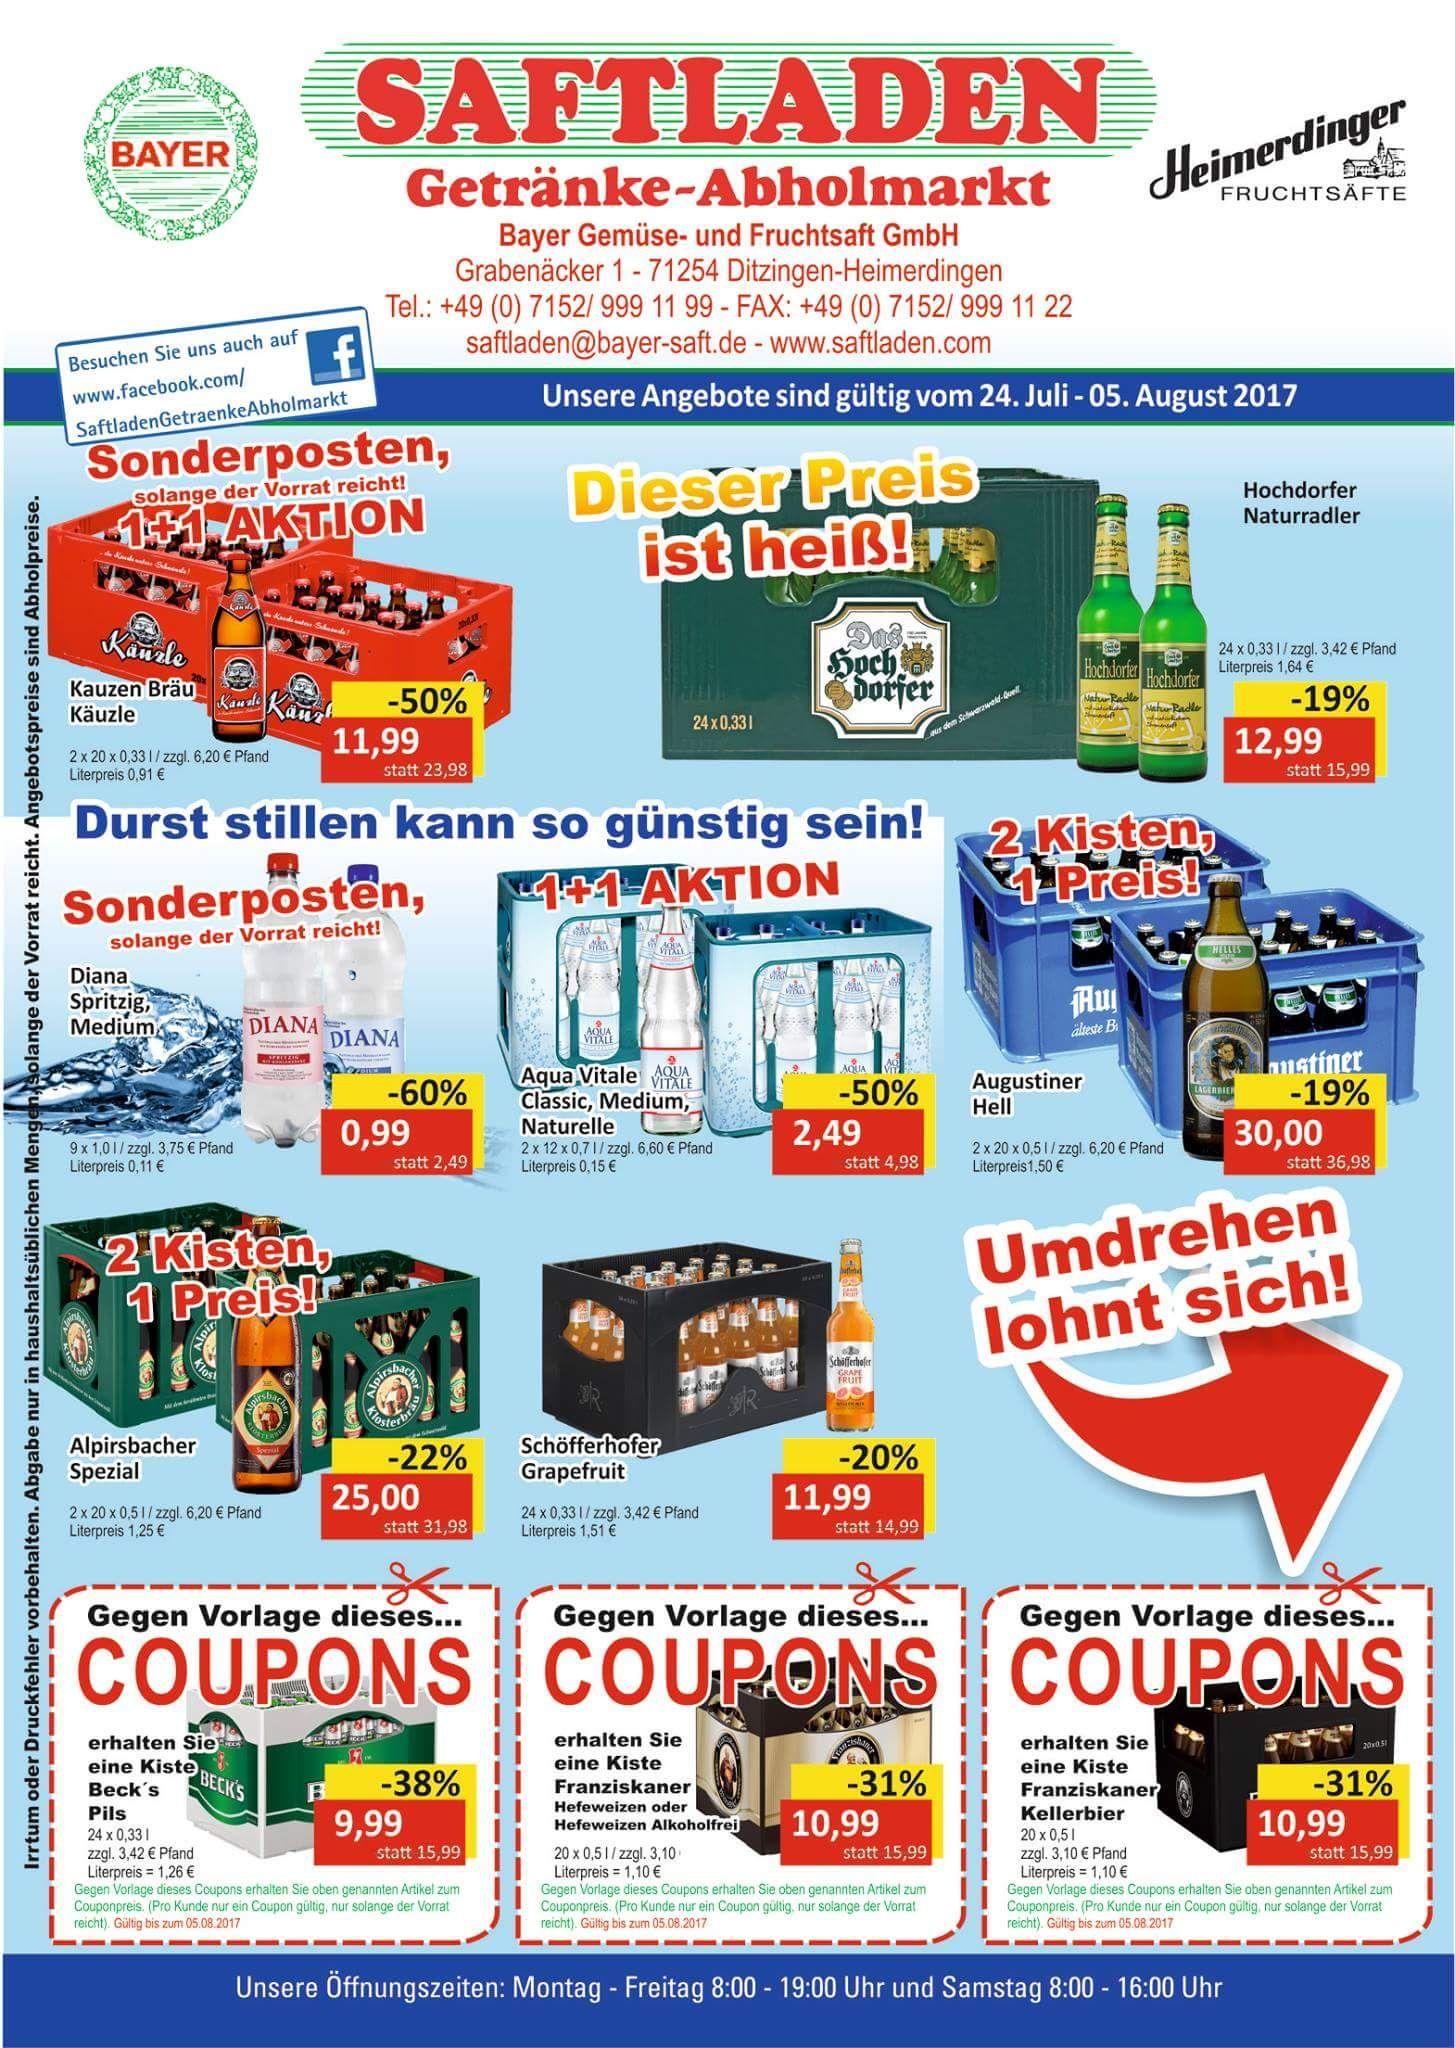 Getränke Angebote bei Saftladen in Heimerdingen